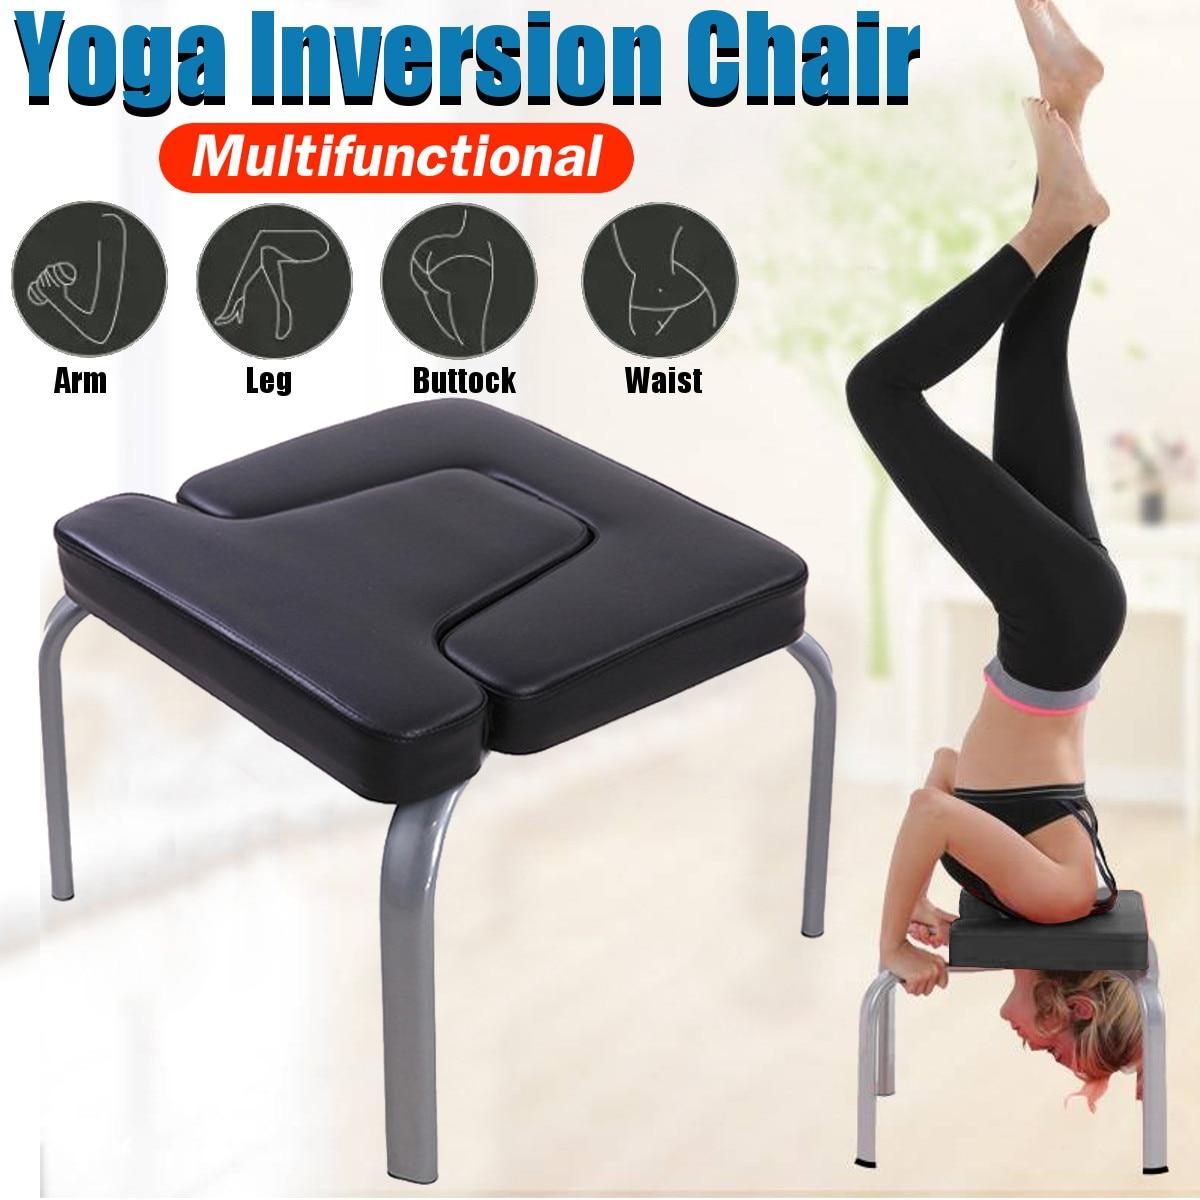 43*42*37 cm Yoga sida chaise d'entraînement tabouret tabouret multifonctionnel sport exercice banc équipement de Fitness noir